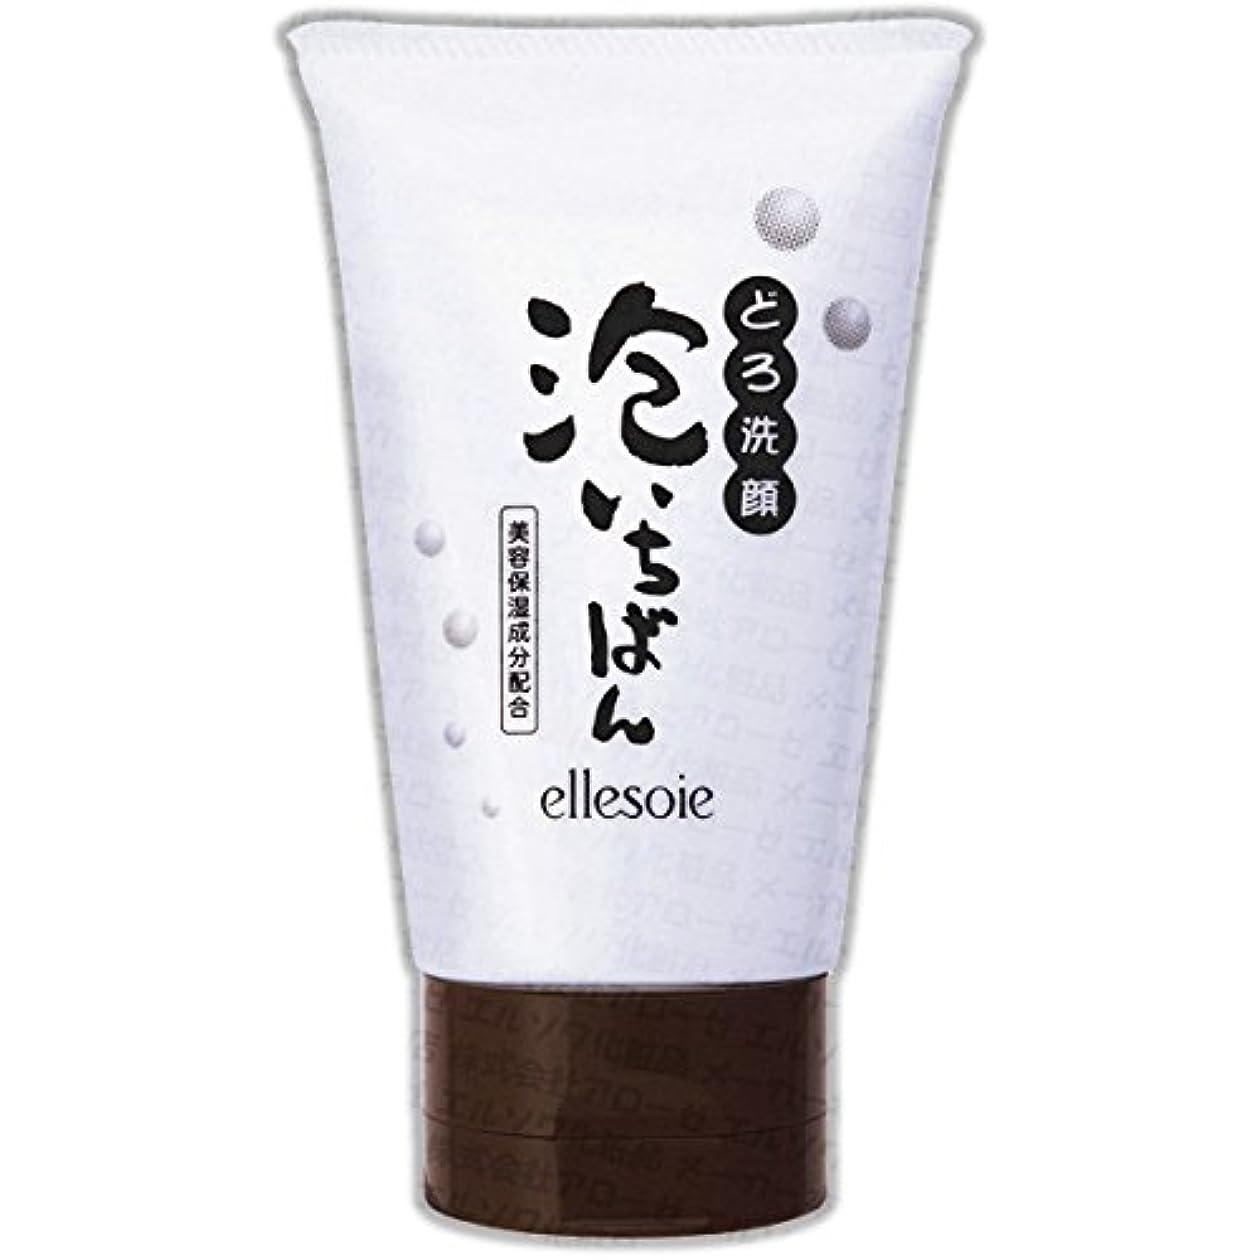 シアービートクライマックスエルソワ化粧品(ellesoie) どろ洗顔 泡いちばん チューブ容器120g